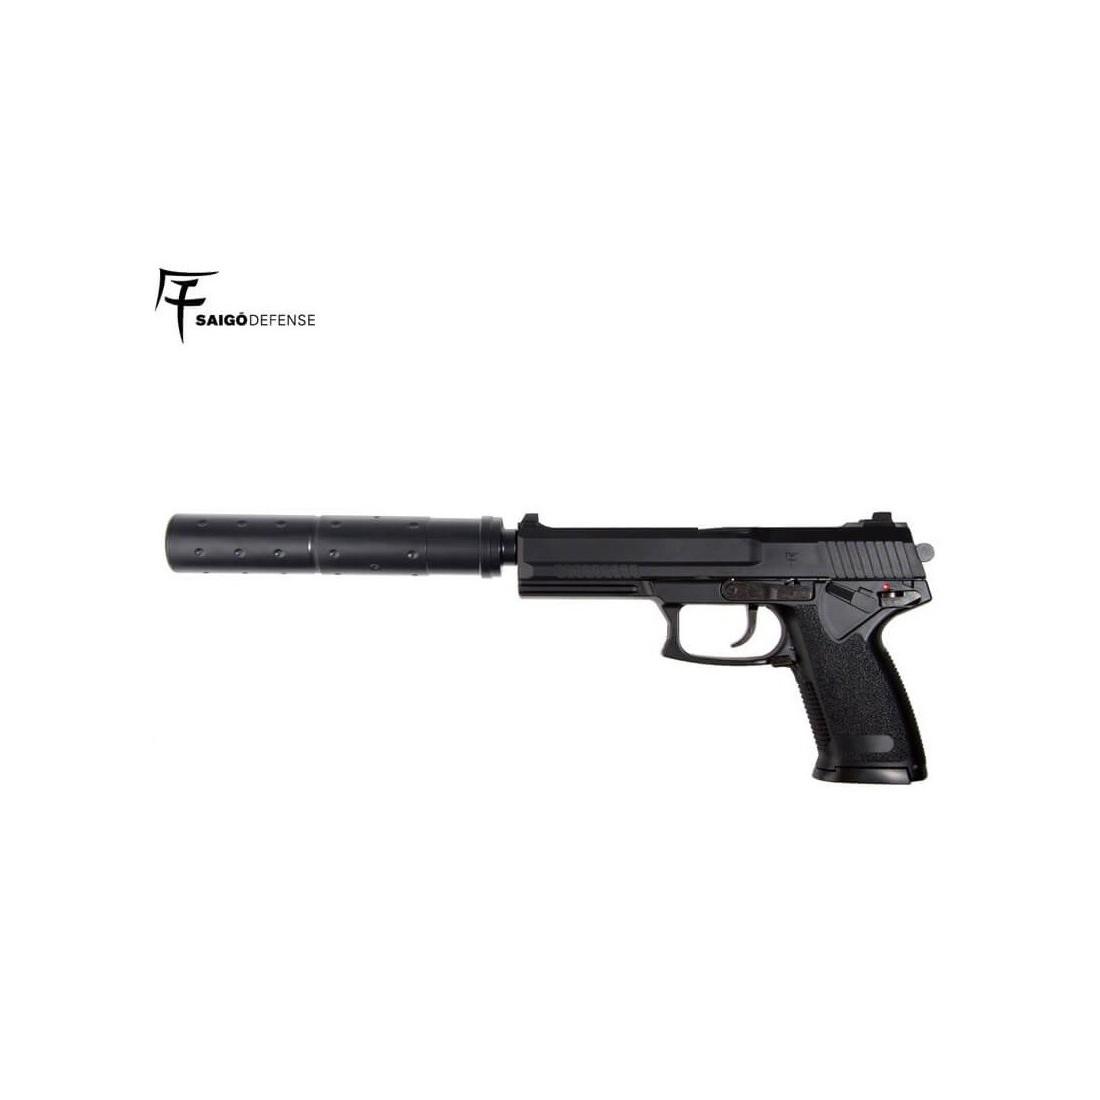 Pistola MK23 Socom bk [Saigo]